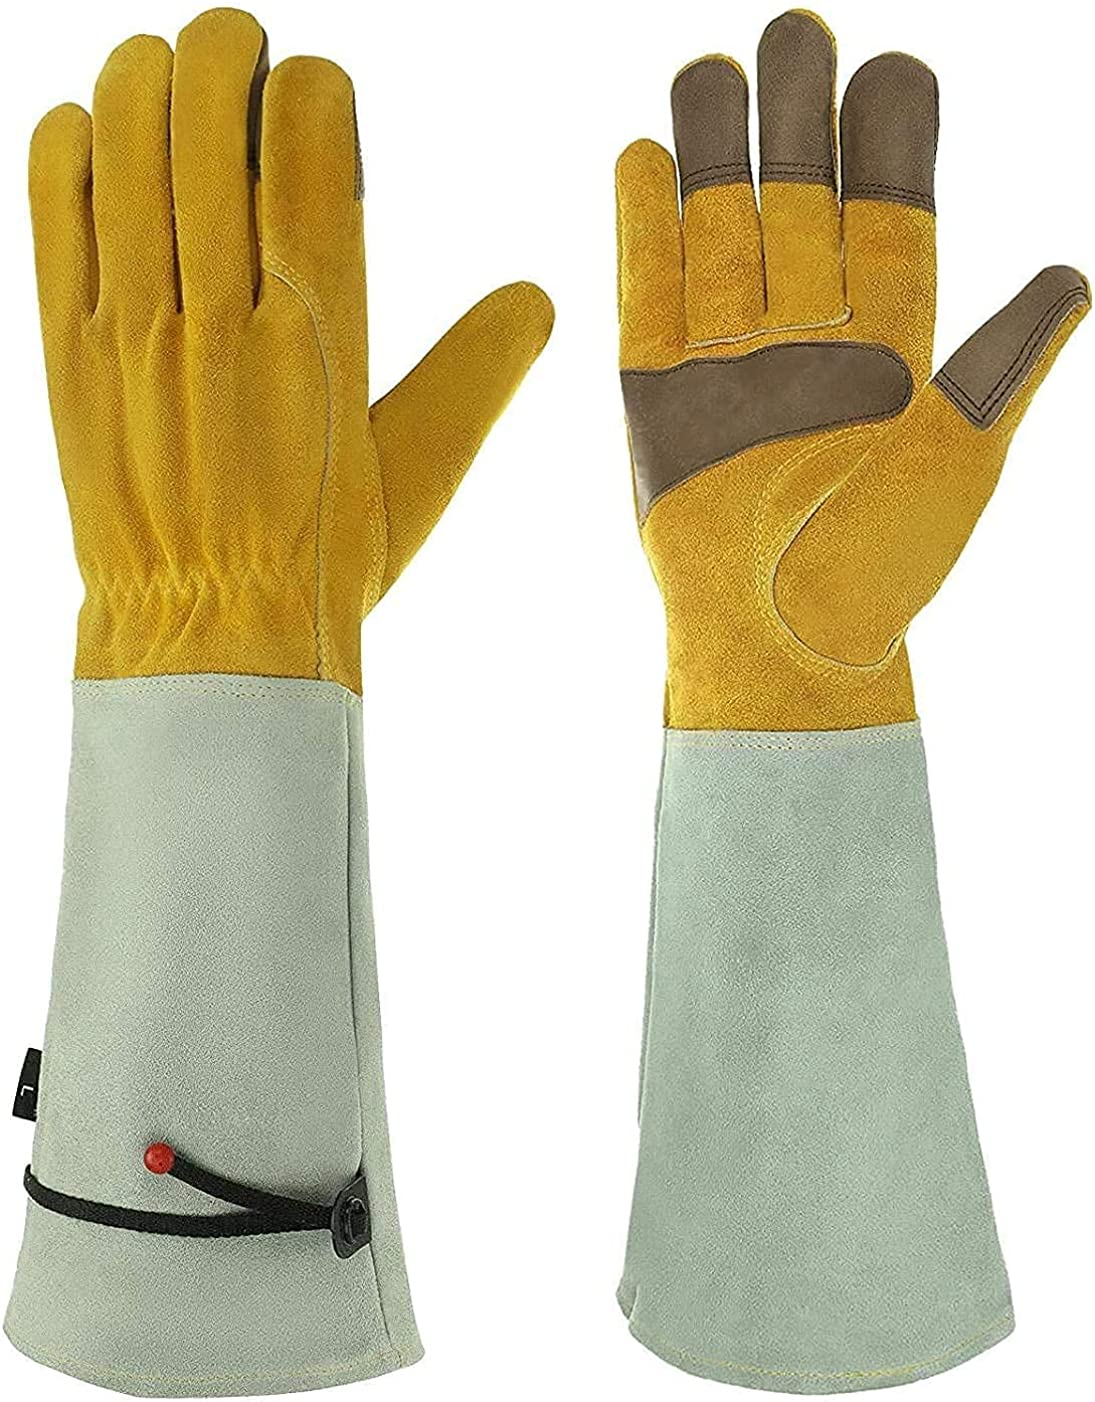 Gardening Gloves for Men & Women, EIVOTOR Long Thorn Proof Garden Gloves